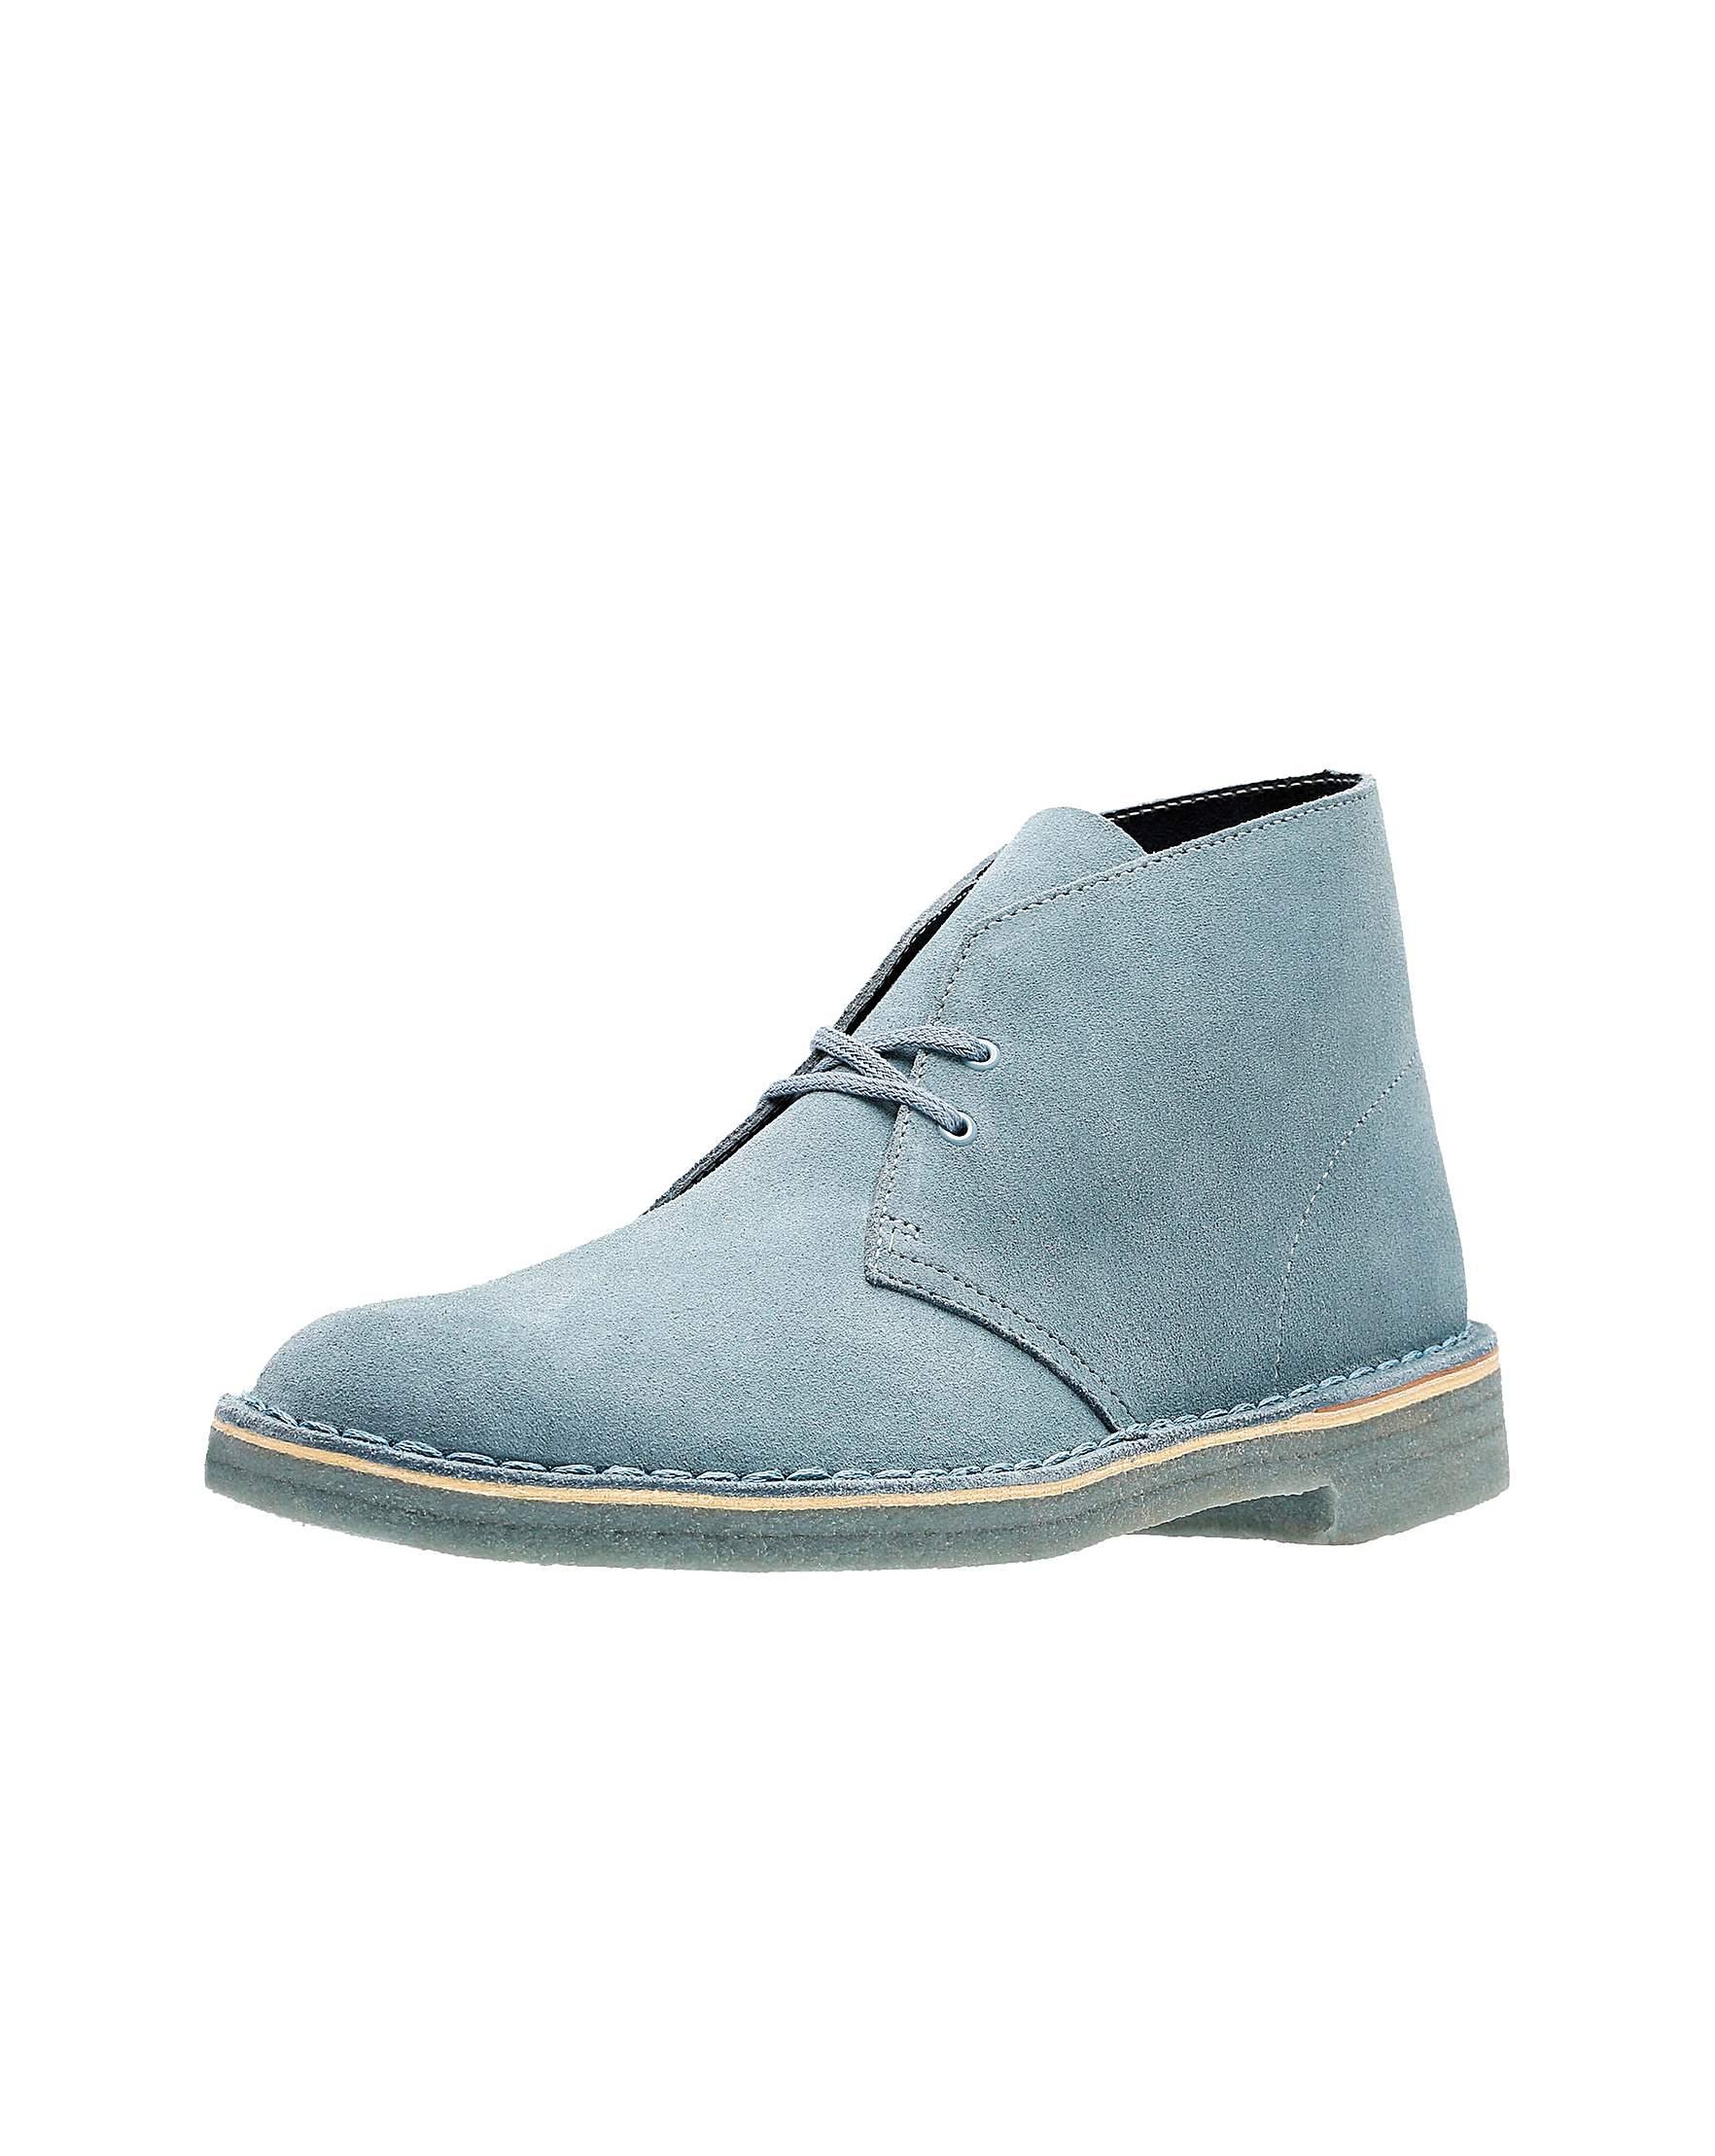 2eaeb934a3a Clarks Desert Boot Boots | Ambrose Wilson